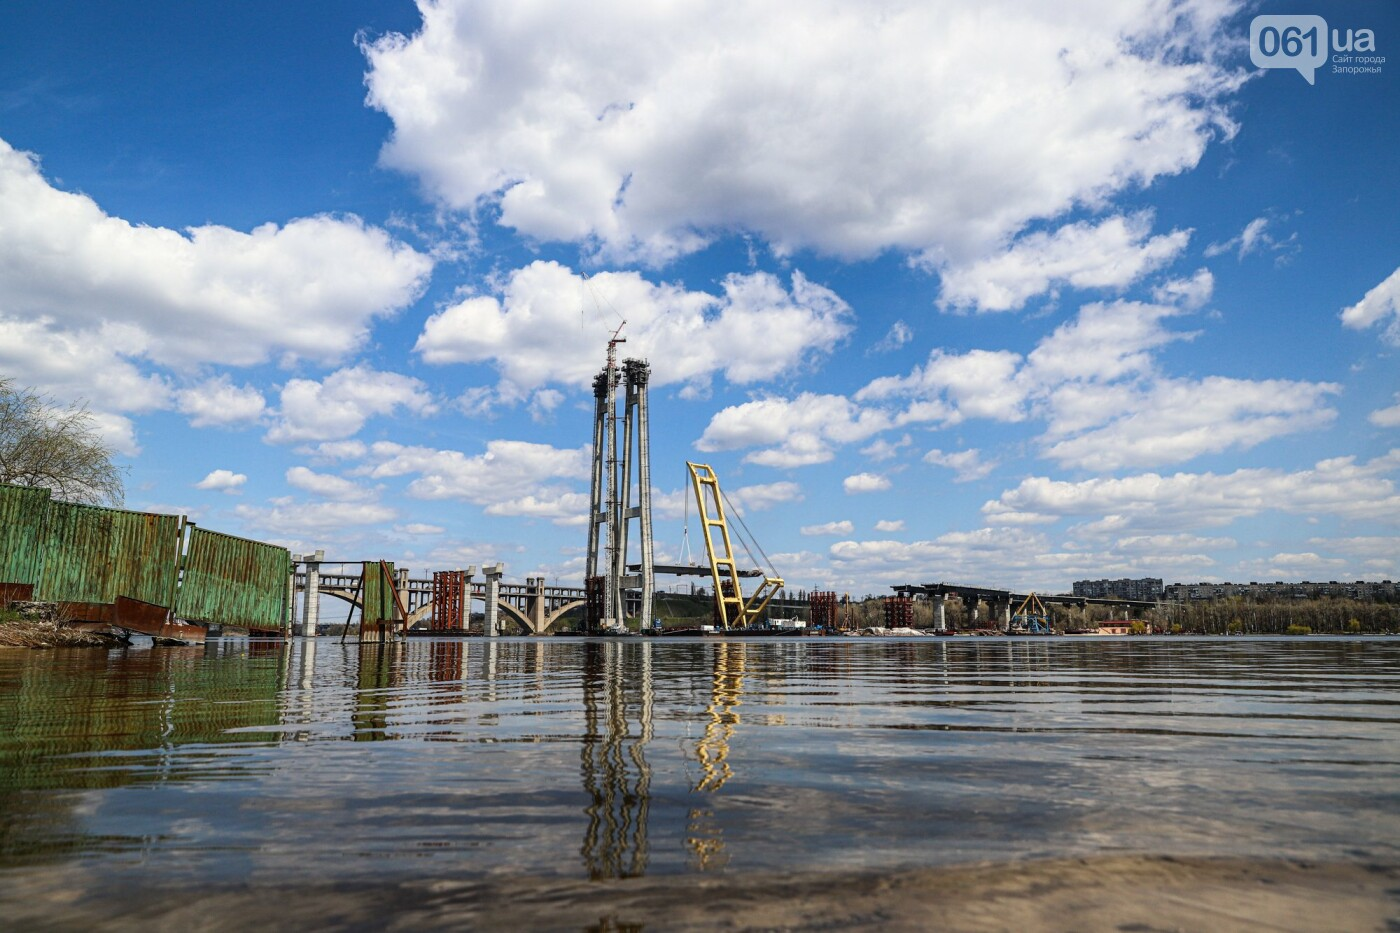 Монтаж первого пролета вантового моста, транспортный локдаун и репортаж из заброшенной шахты: апрель в фотографиях, фото-41